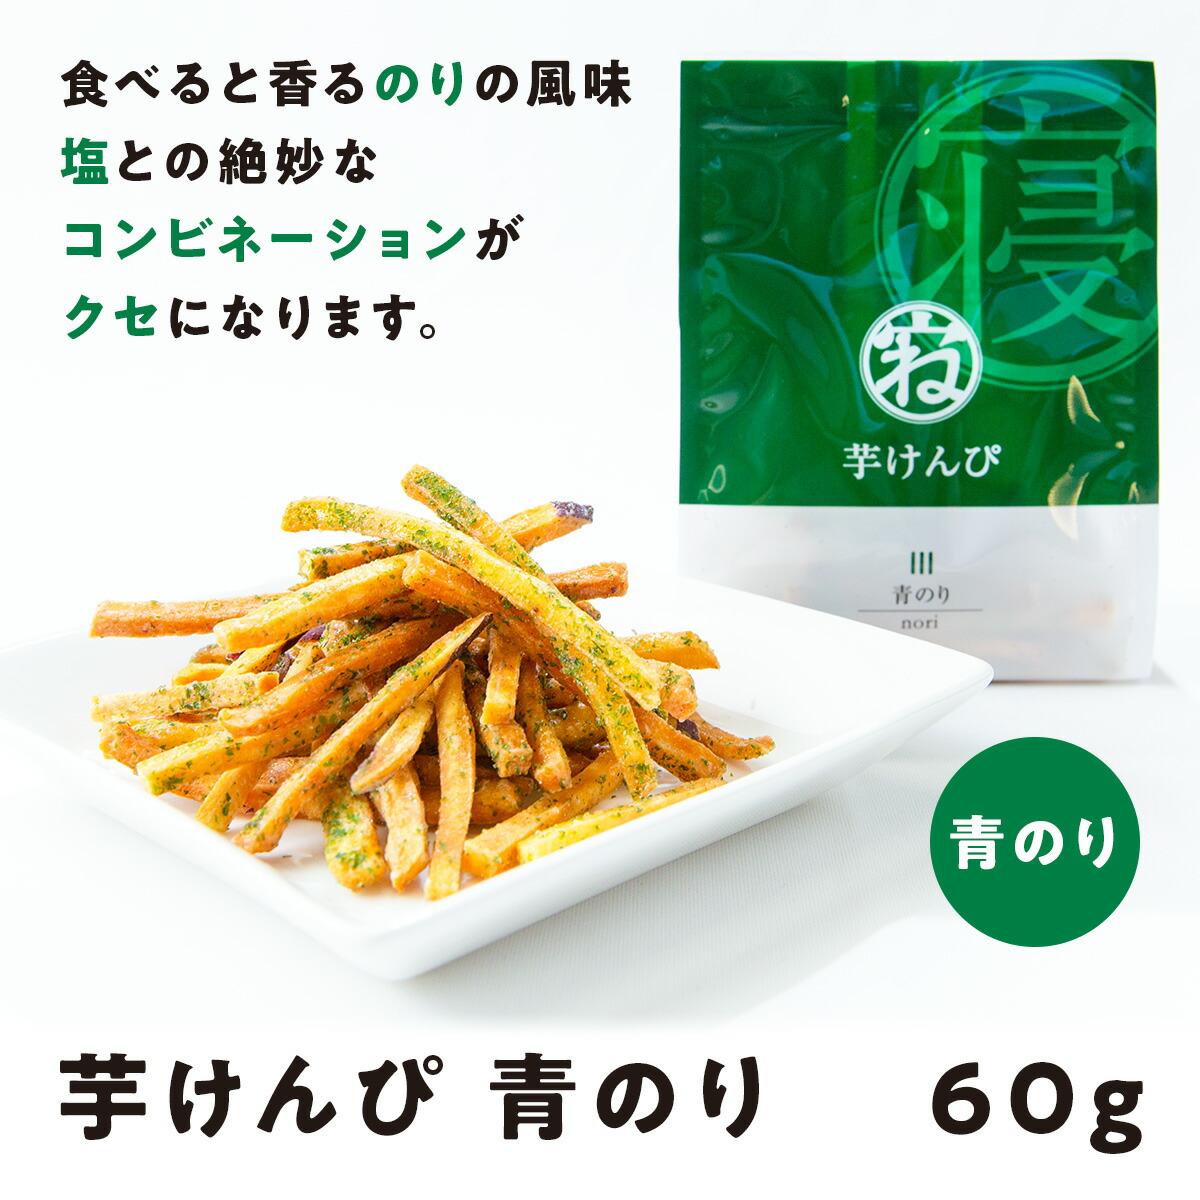 国産  芋けんぴ3種ギフトセット(甘味/塩/青のり) 60g×3袋 4セット